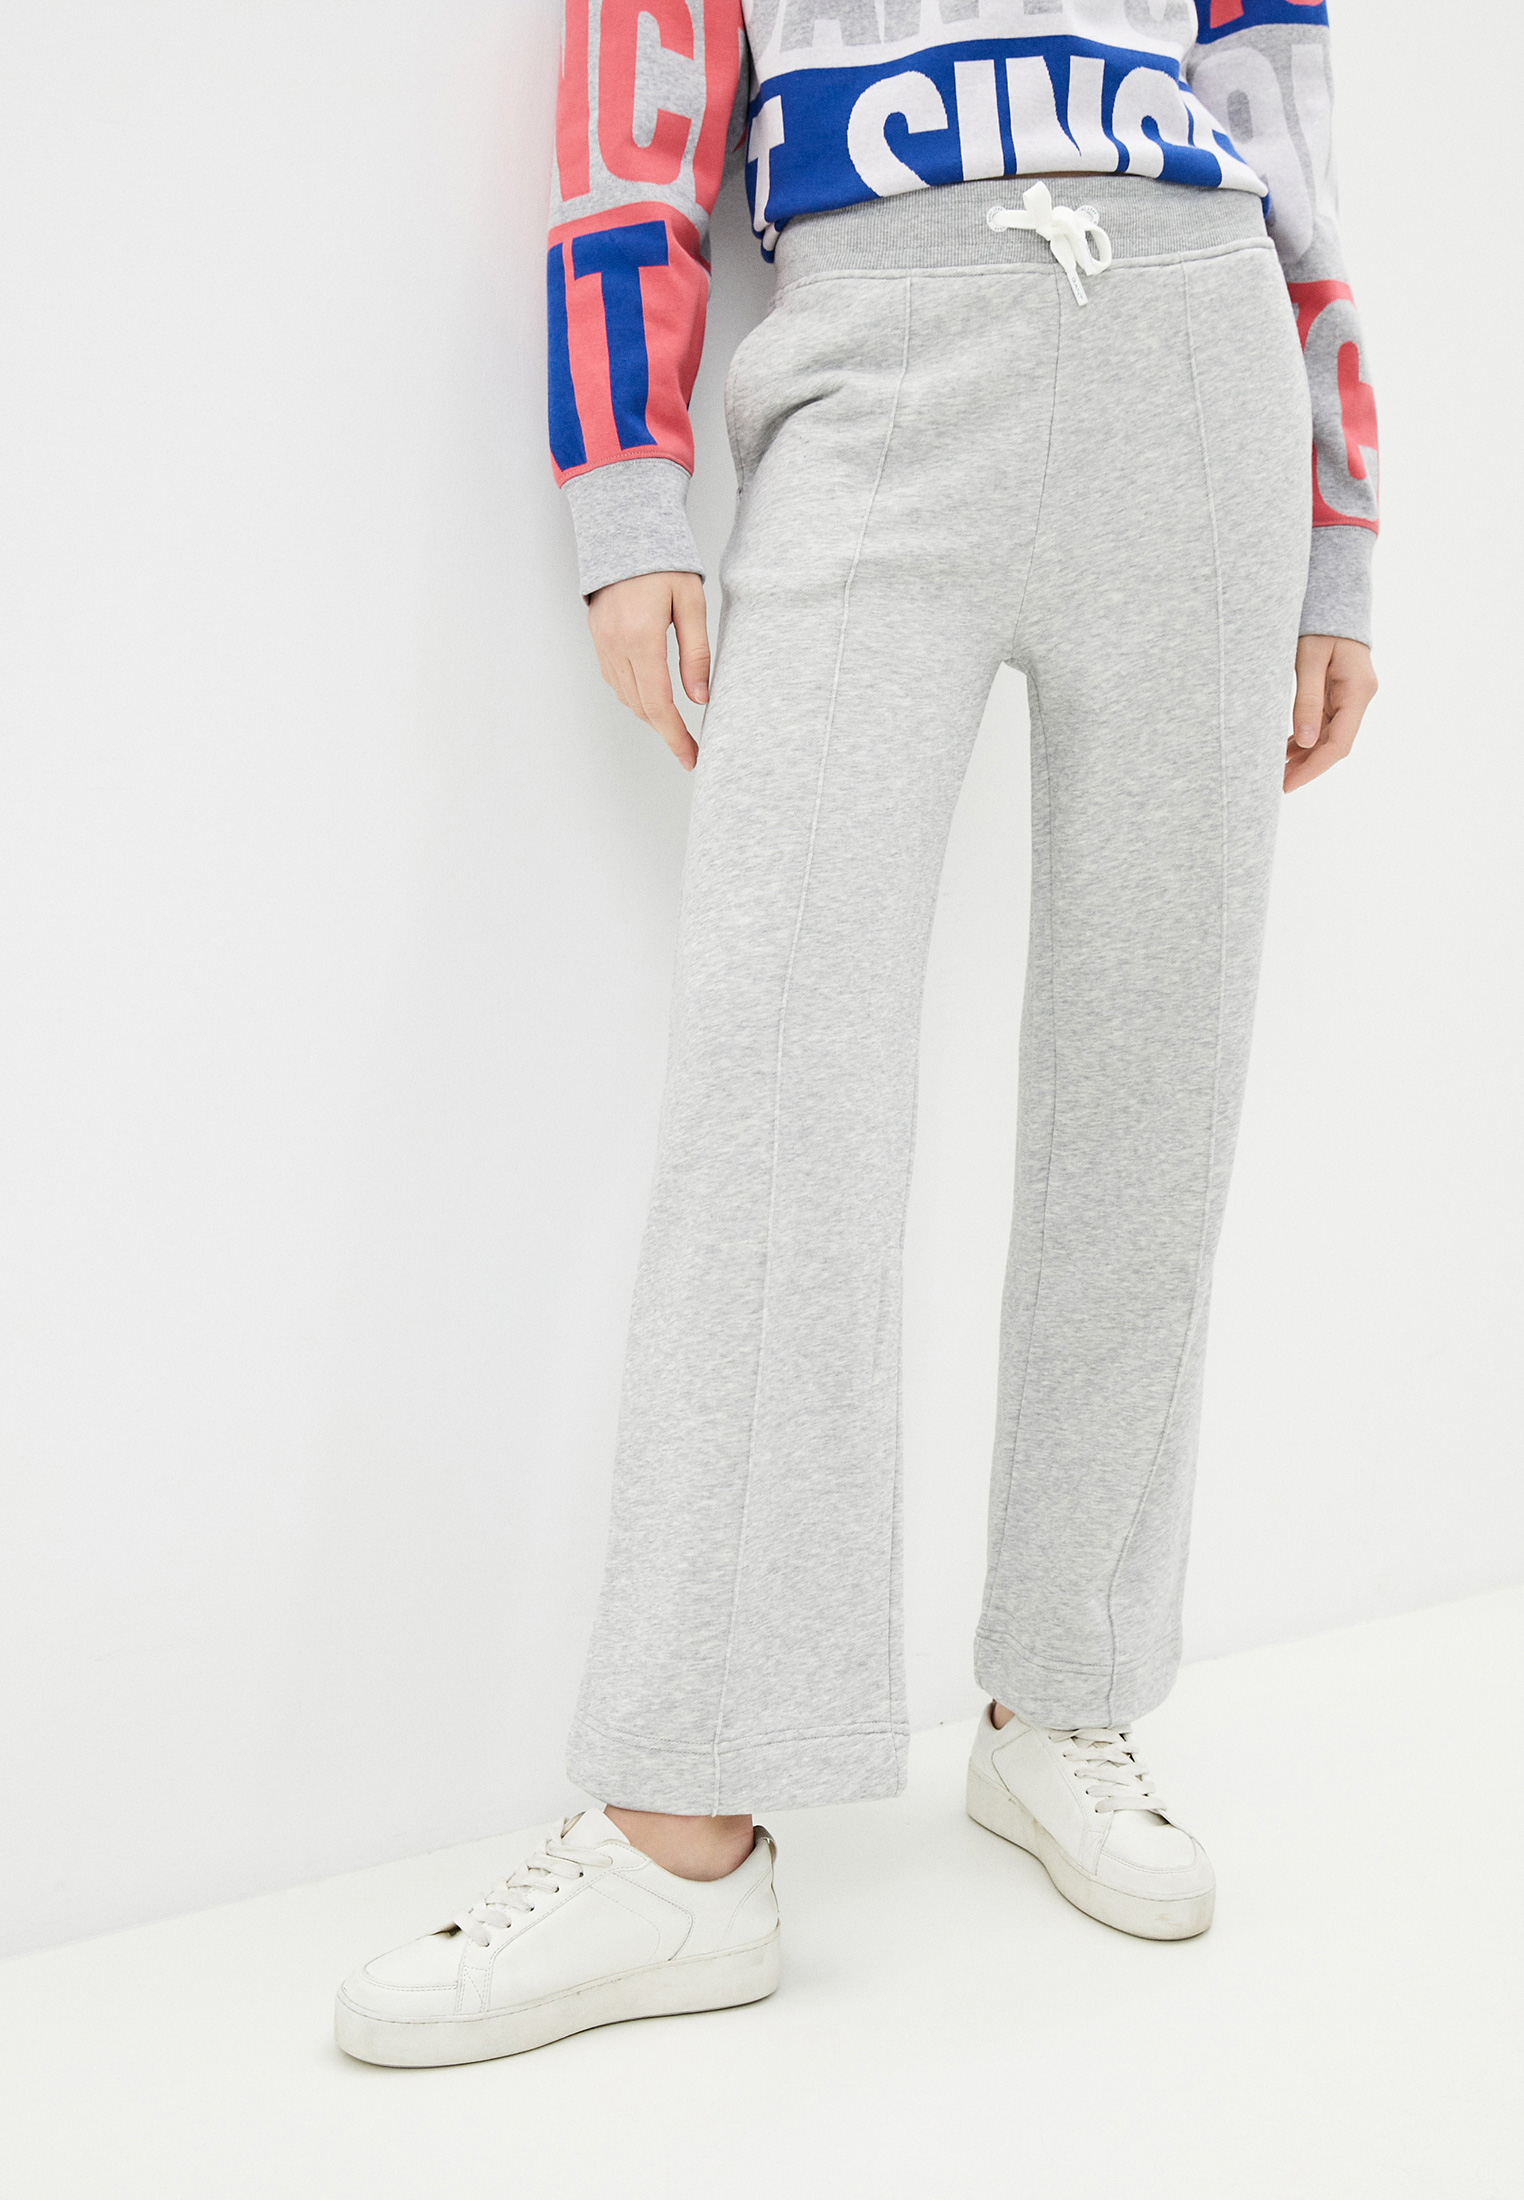 Женские спортивные брюки Gant (Гант) Брюки спортивные Gant